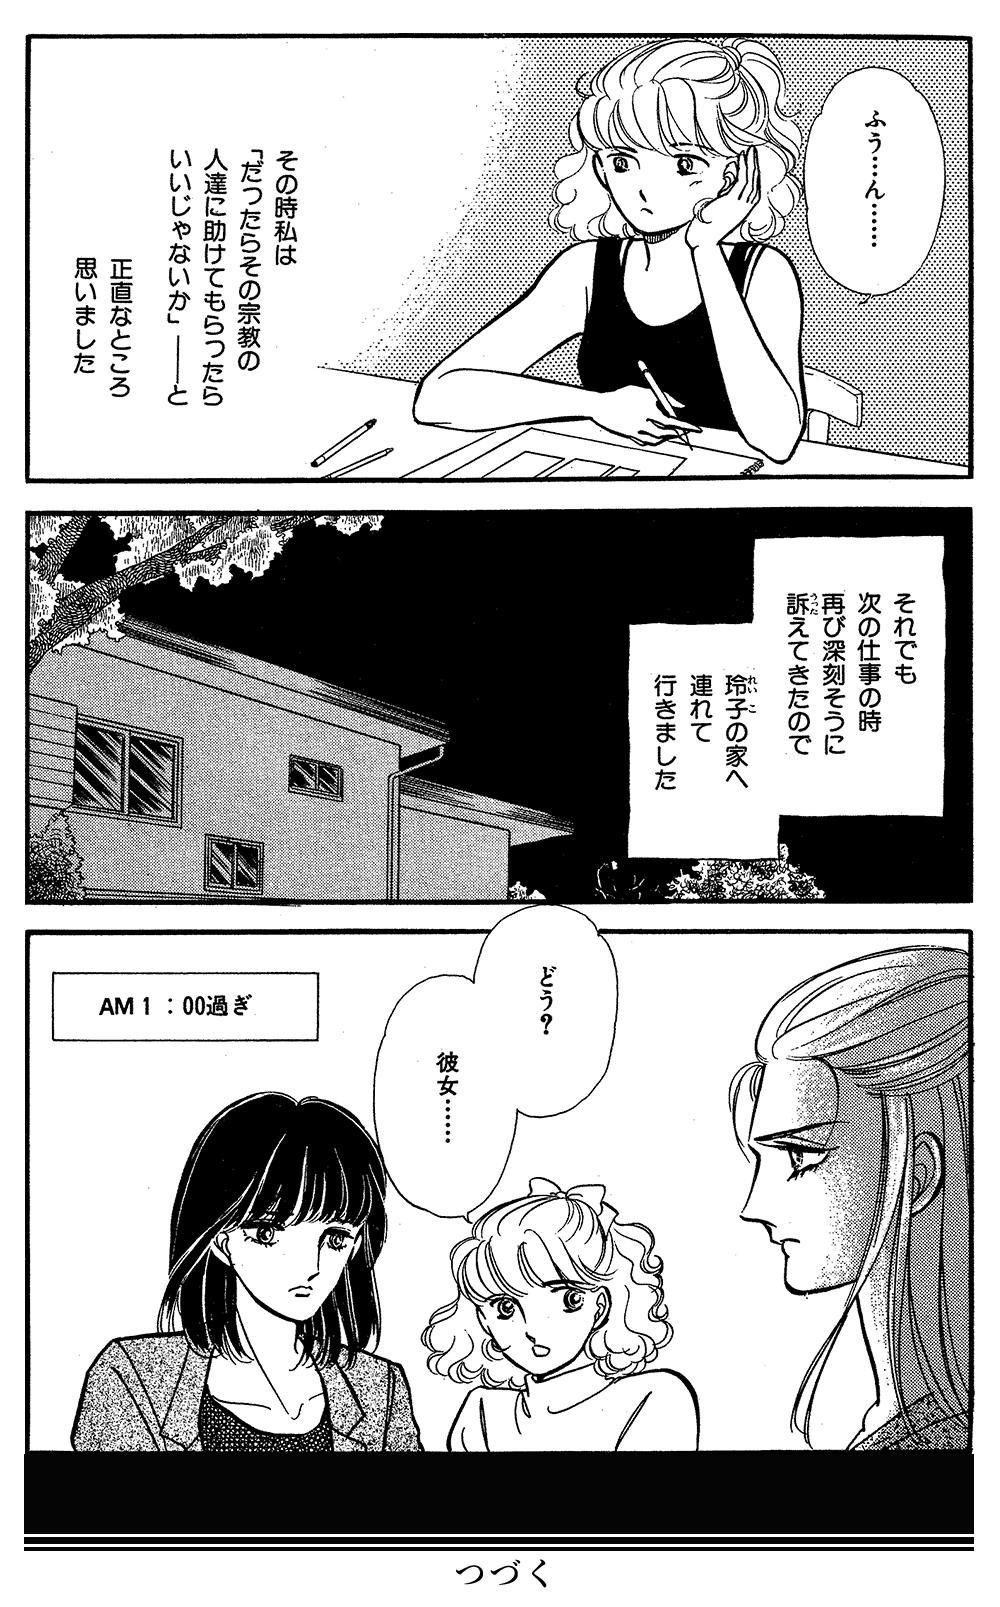 魔百合の恐怖報告  第2話「消えた黒猫」①mayuri07-10.jpg